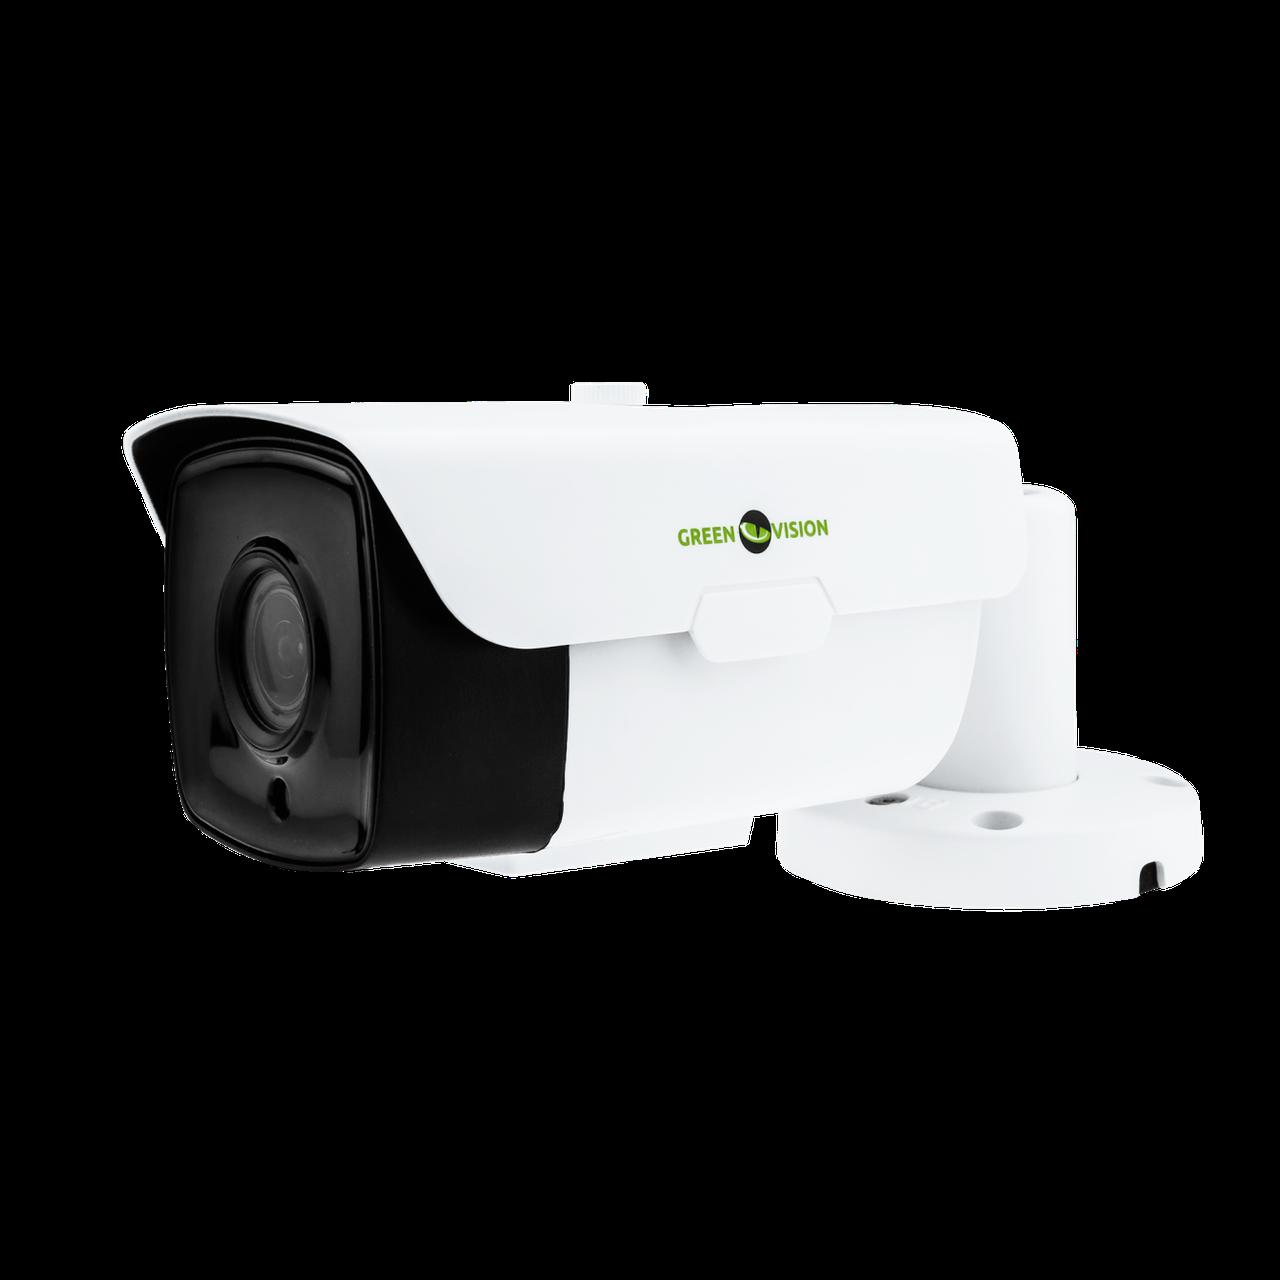 Наружная IP камера GreenVision GV-079-IP-E-COS20VM-40 POE